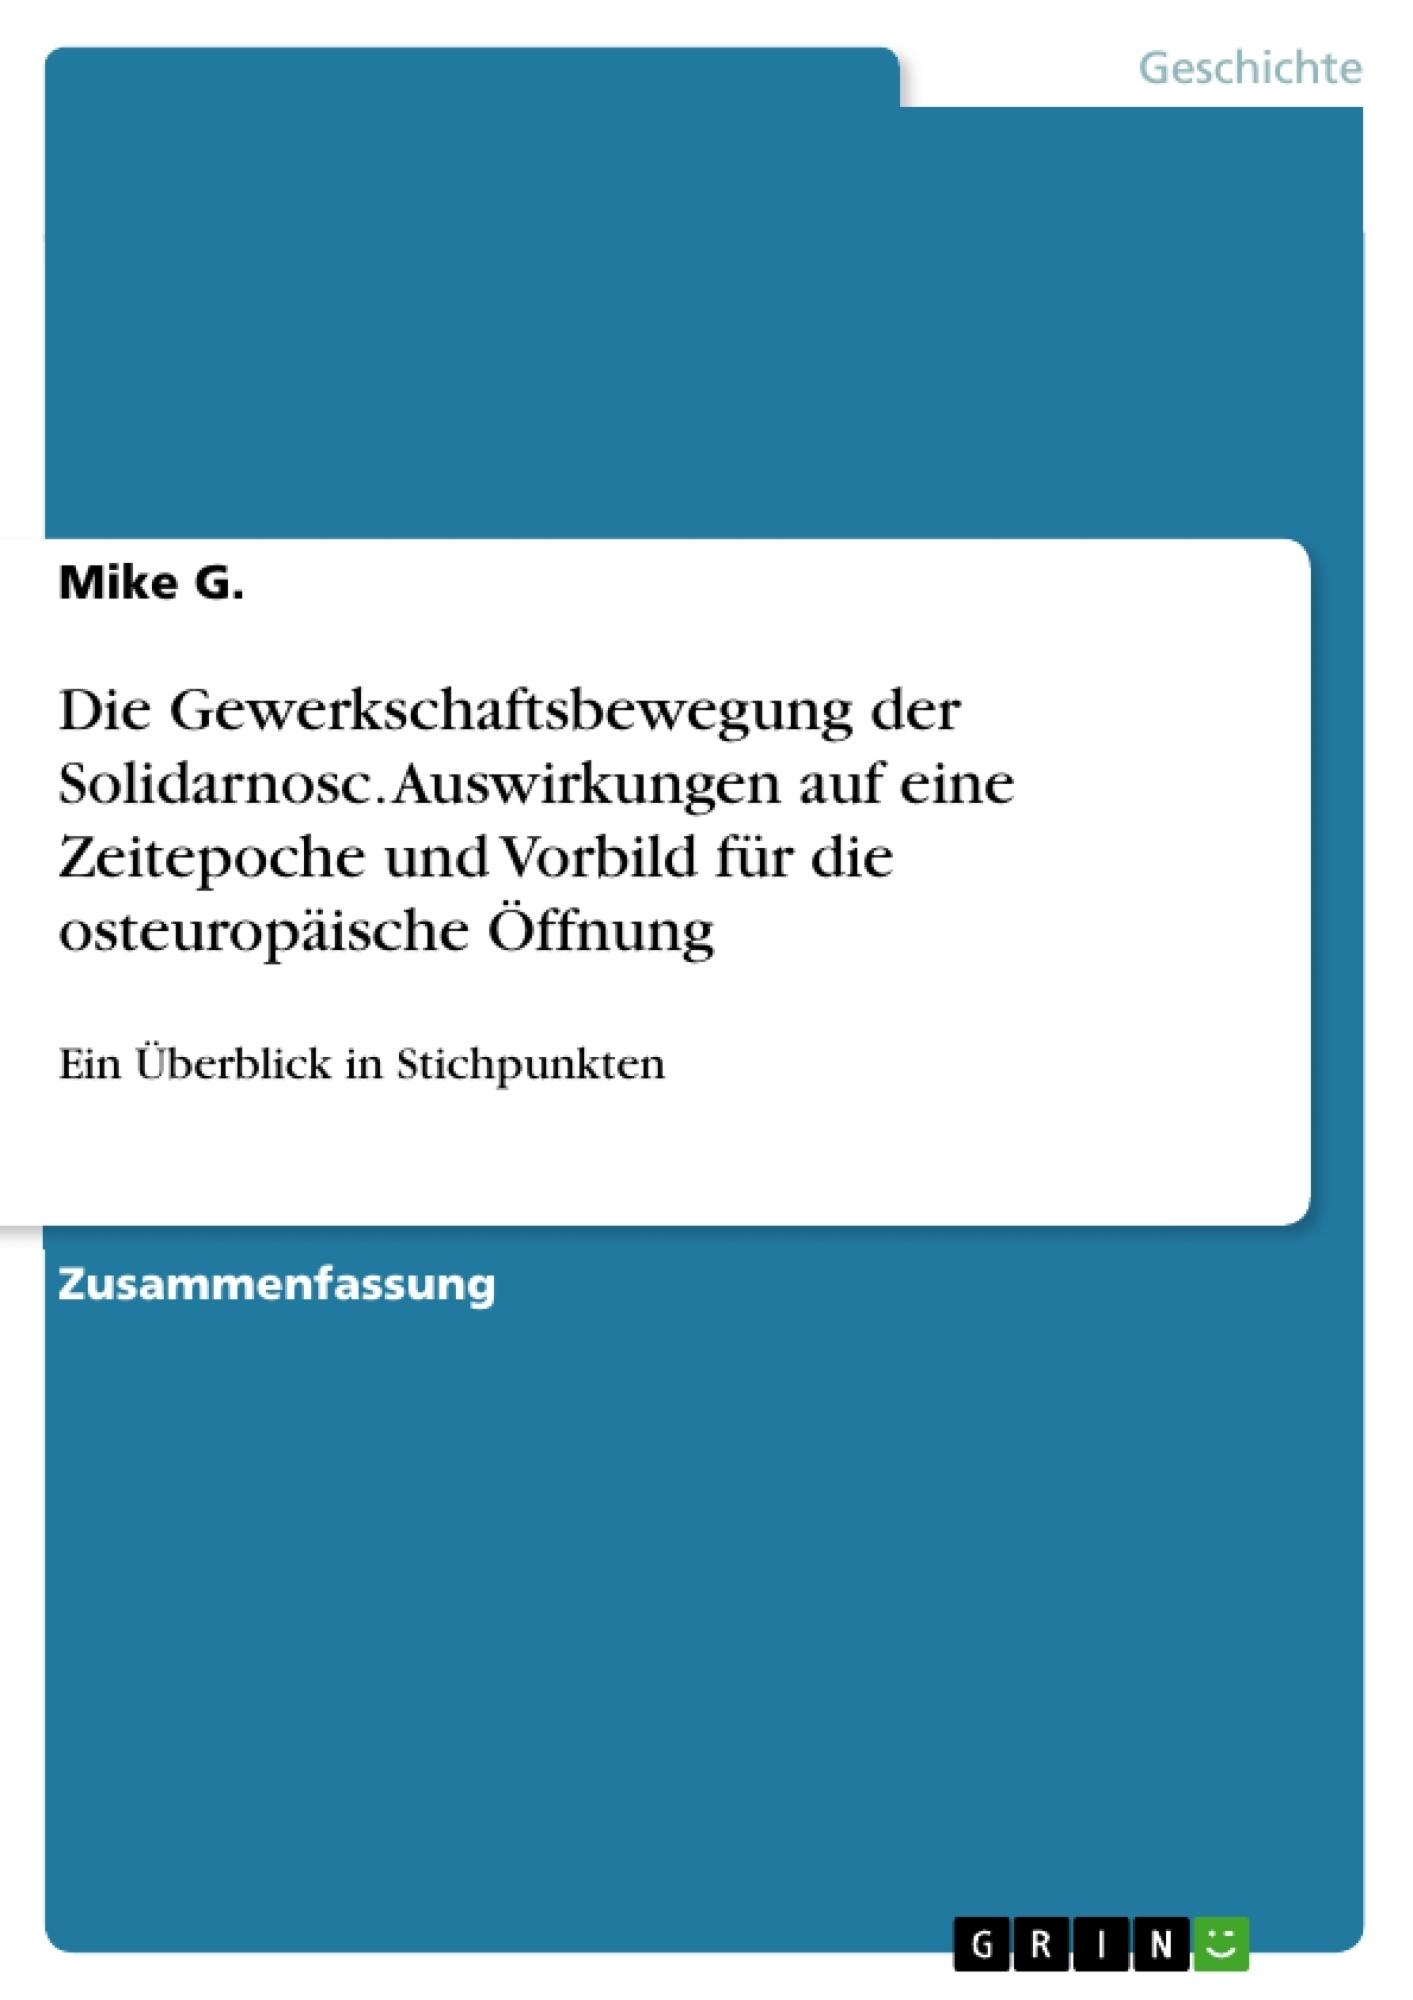 Titel: Die Gewerkschaftsbewegung der Solidarnosc. Auswirkungen auf eine Zeitepoche und Vorbild für die osteuropäische Öffnung